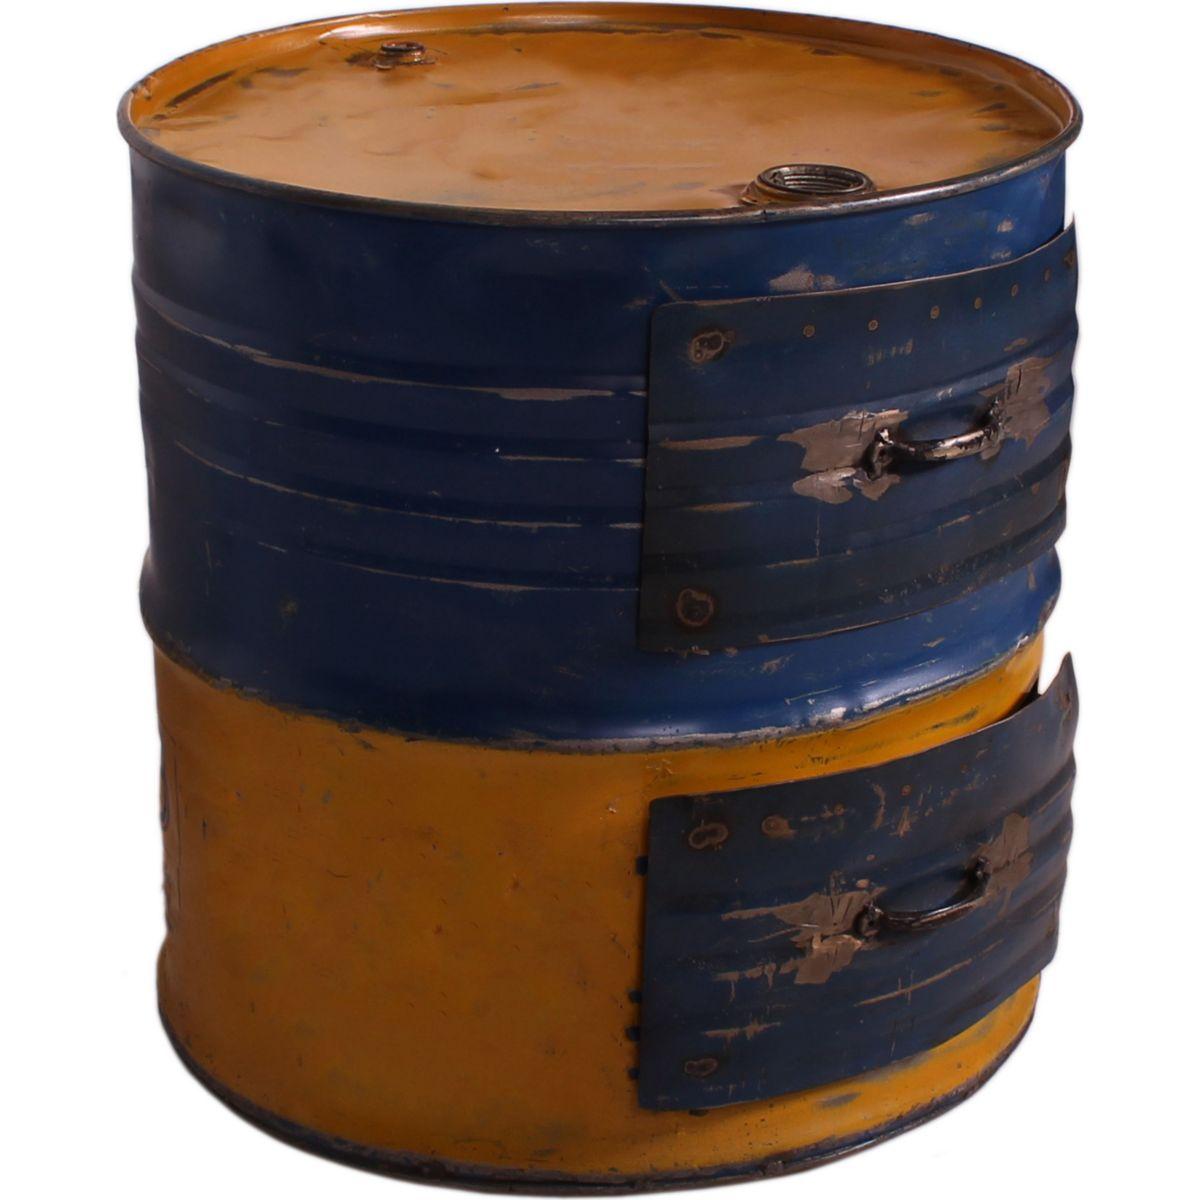 Beistelltisch Desgin aus recycelten Ölfässern Metall in gelb / blau bemalt jetztbilligerkaufen